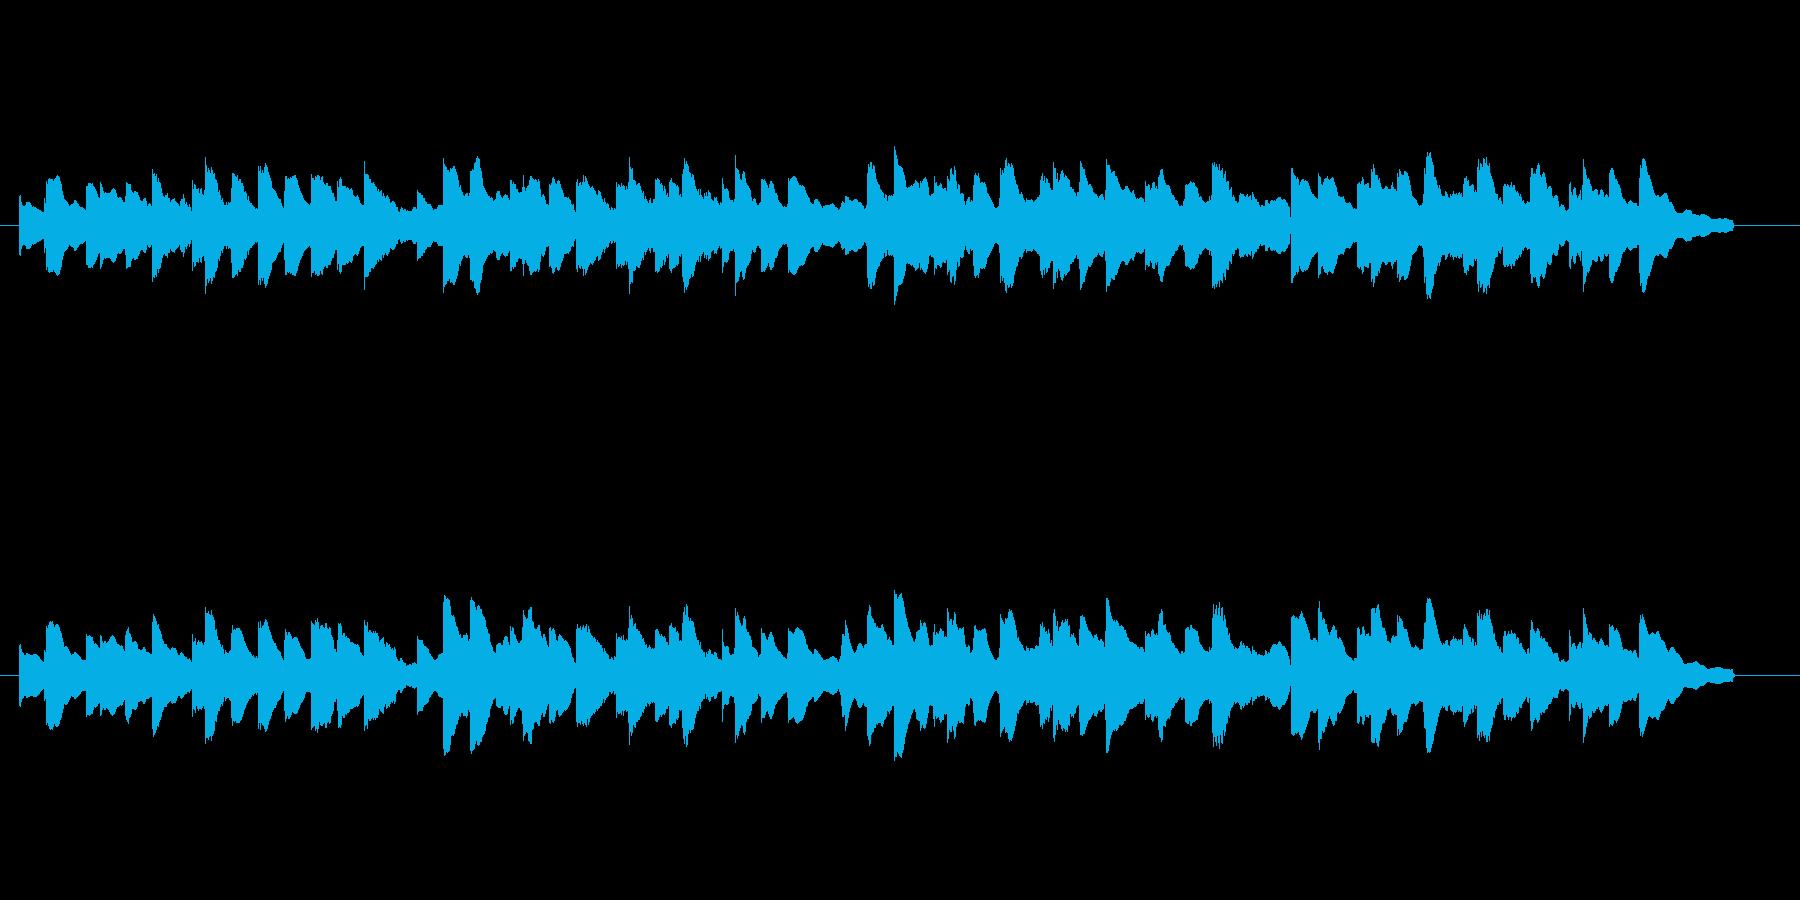 蛍の光 オルゴール風アレンジの再生済みの波形